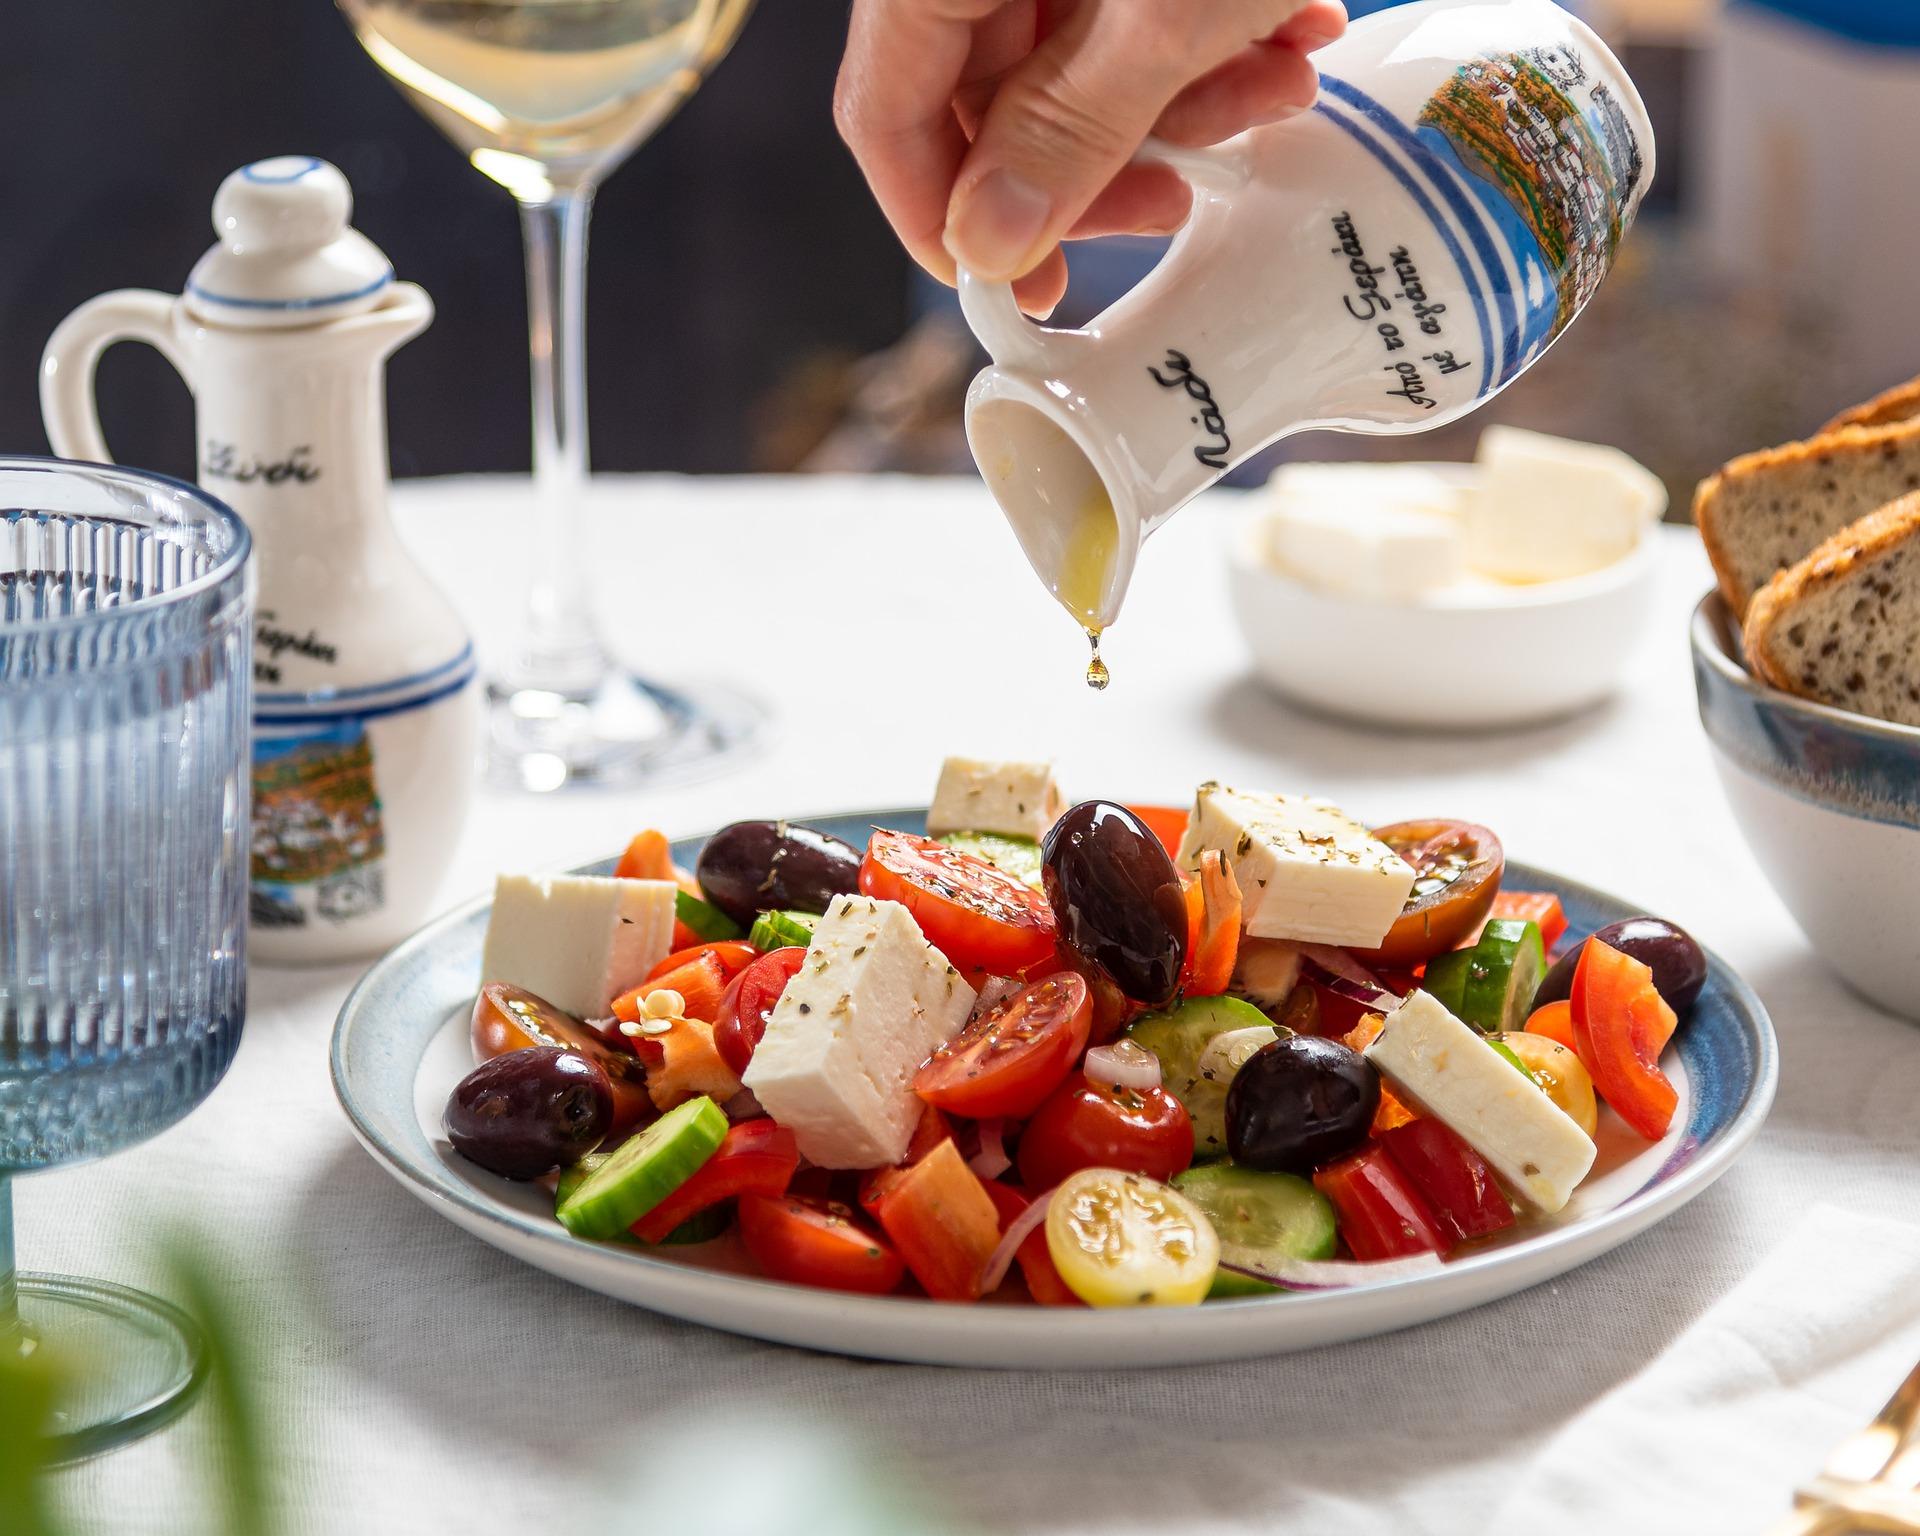 salad-5904093_1920.jpg